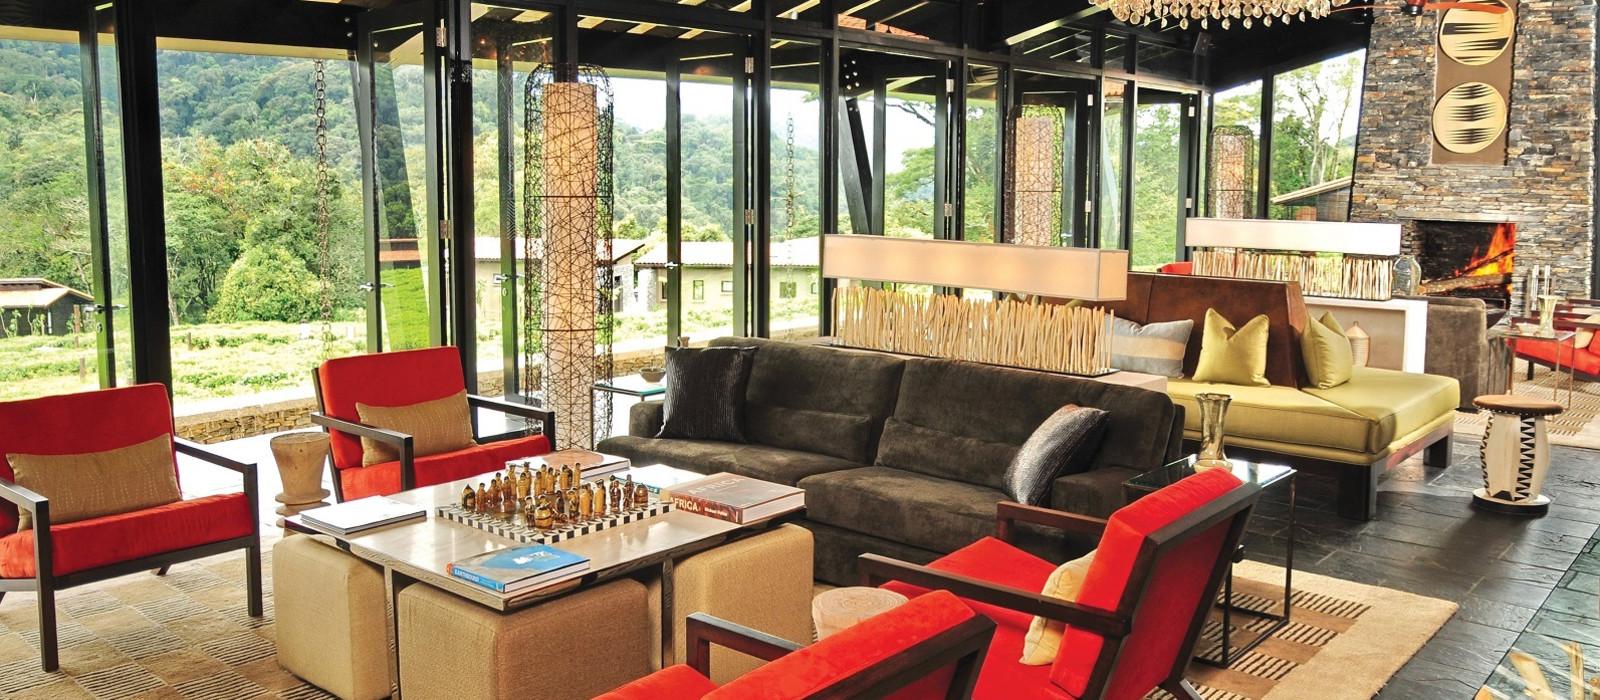 Hotel One&Only Nyungwe House Ruanda